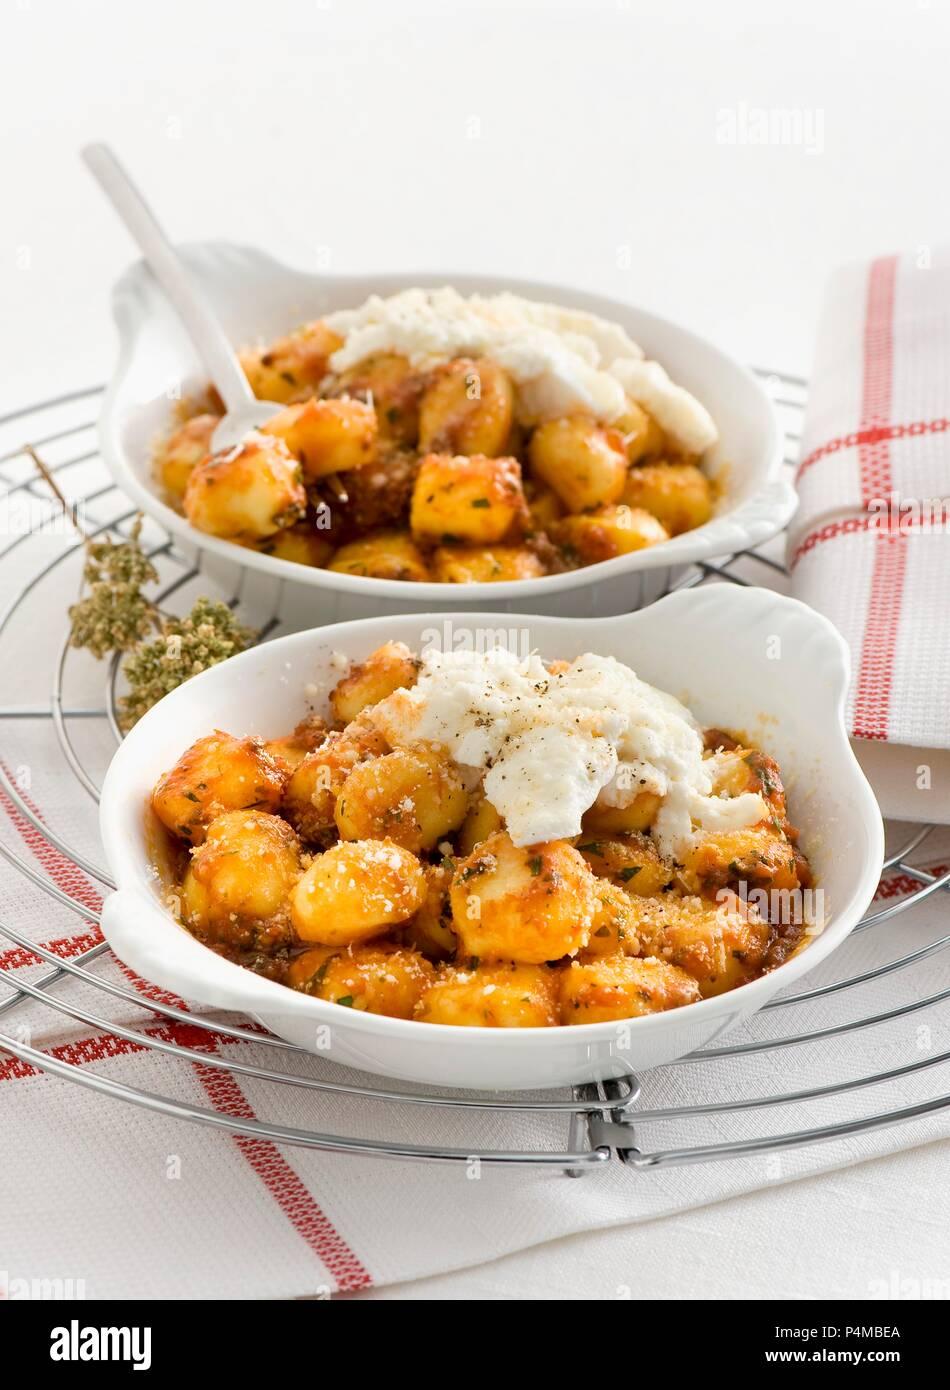 Gratinated gnocchi with ricotta and Pecorino cheese - Stock Image